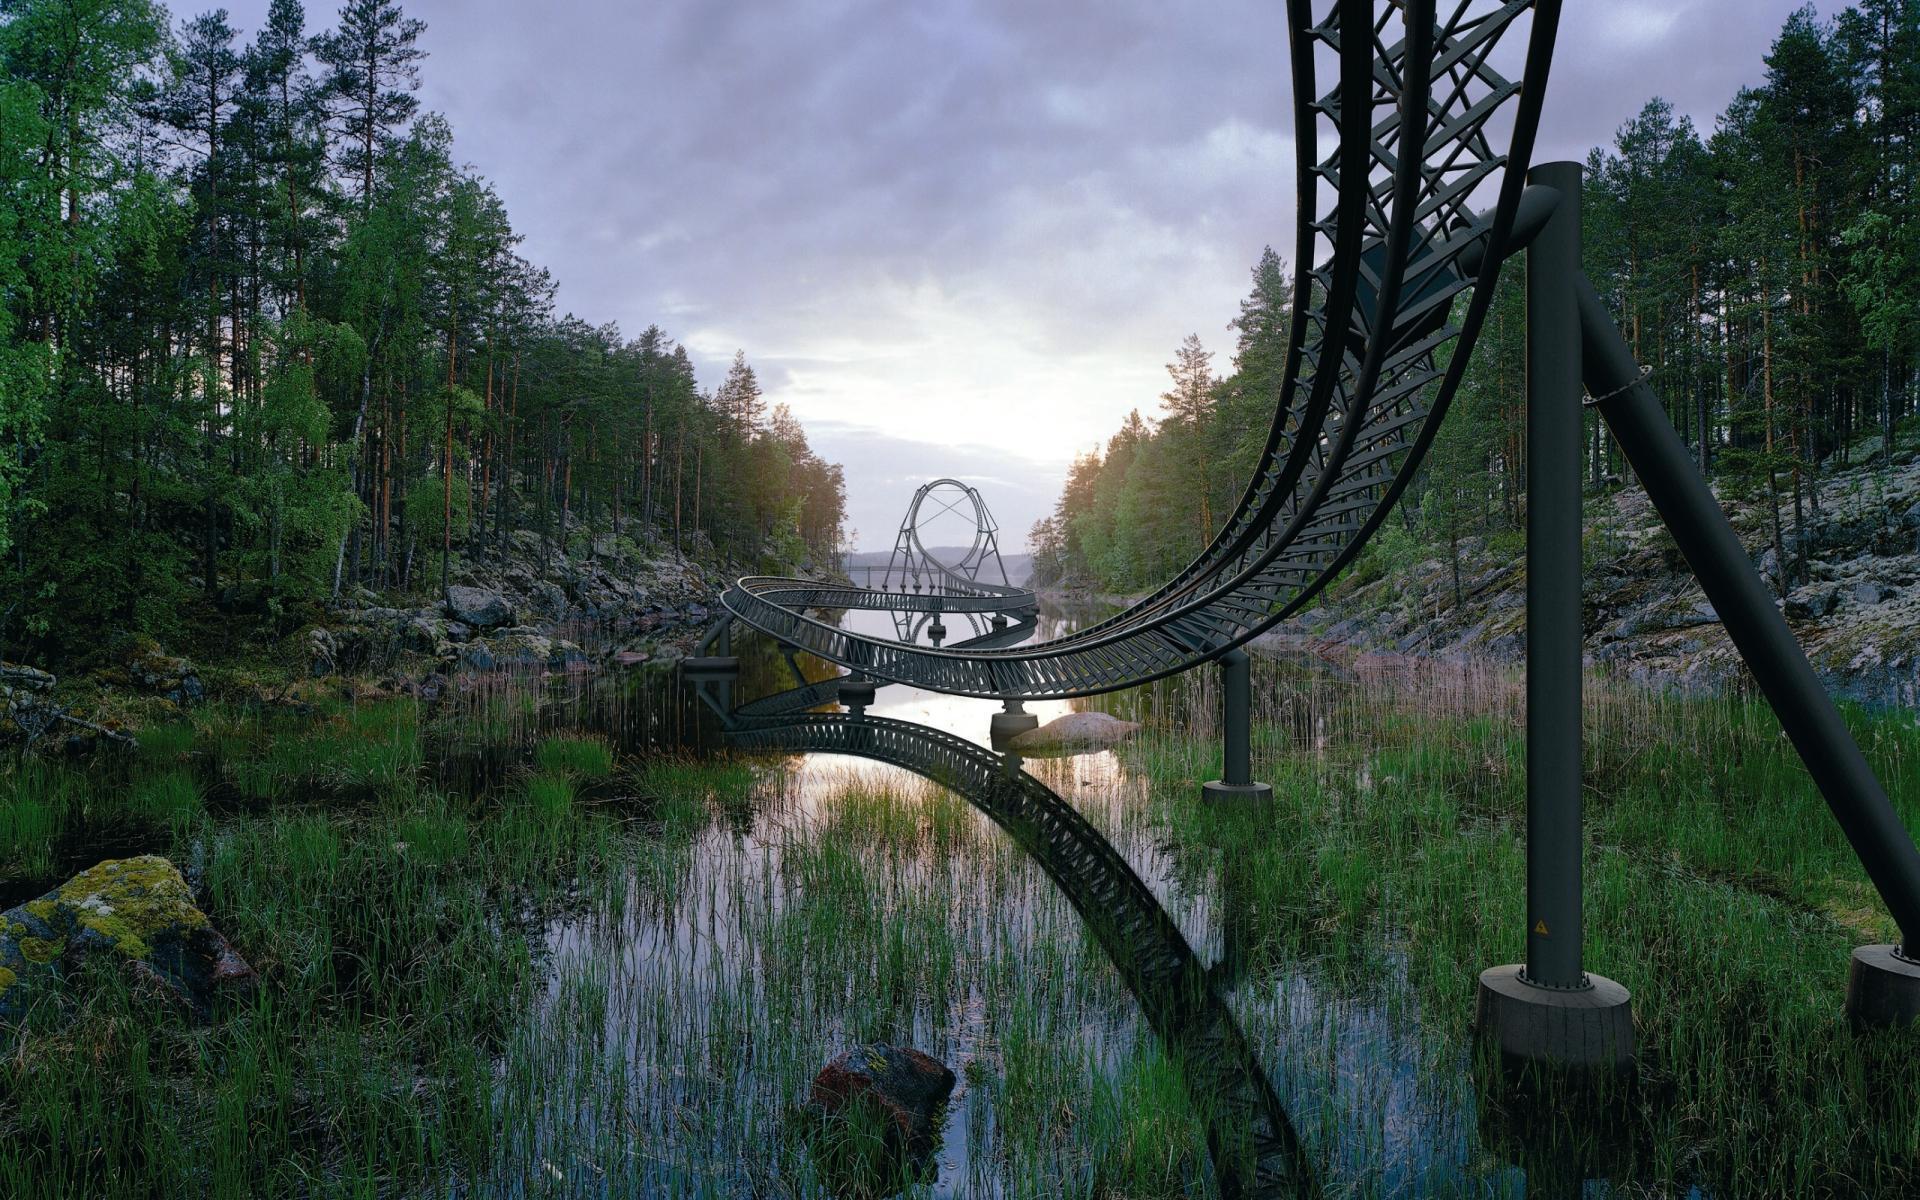 xmas roller coaster hd - photo #20